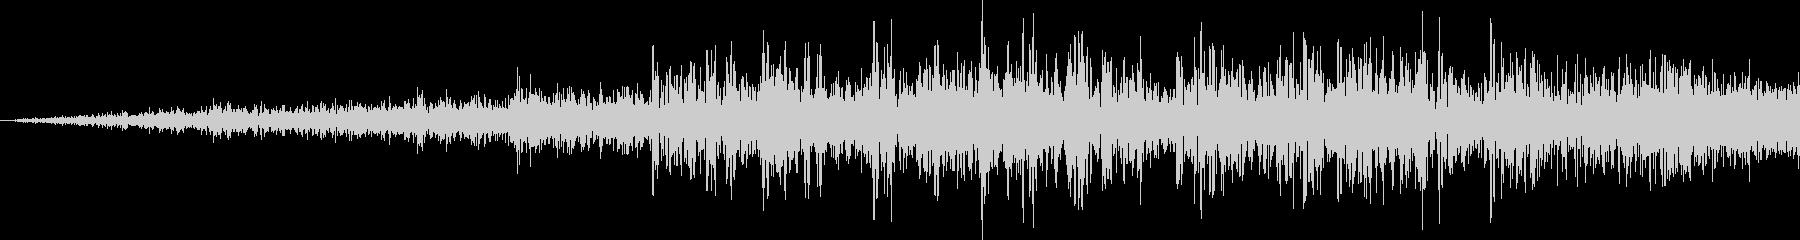 ヒューシュリバースクイックノイズモーターの未再生の波形